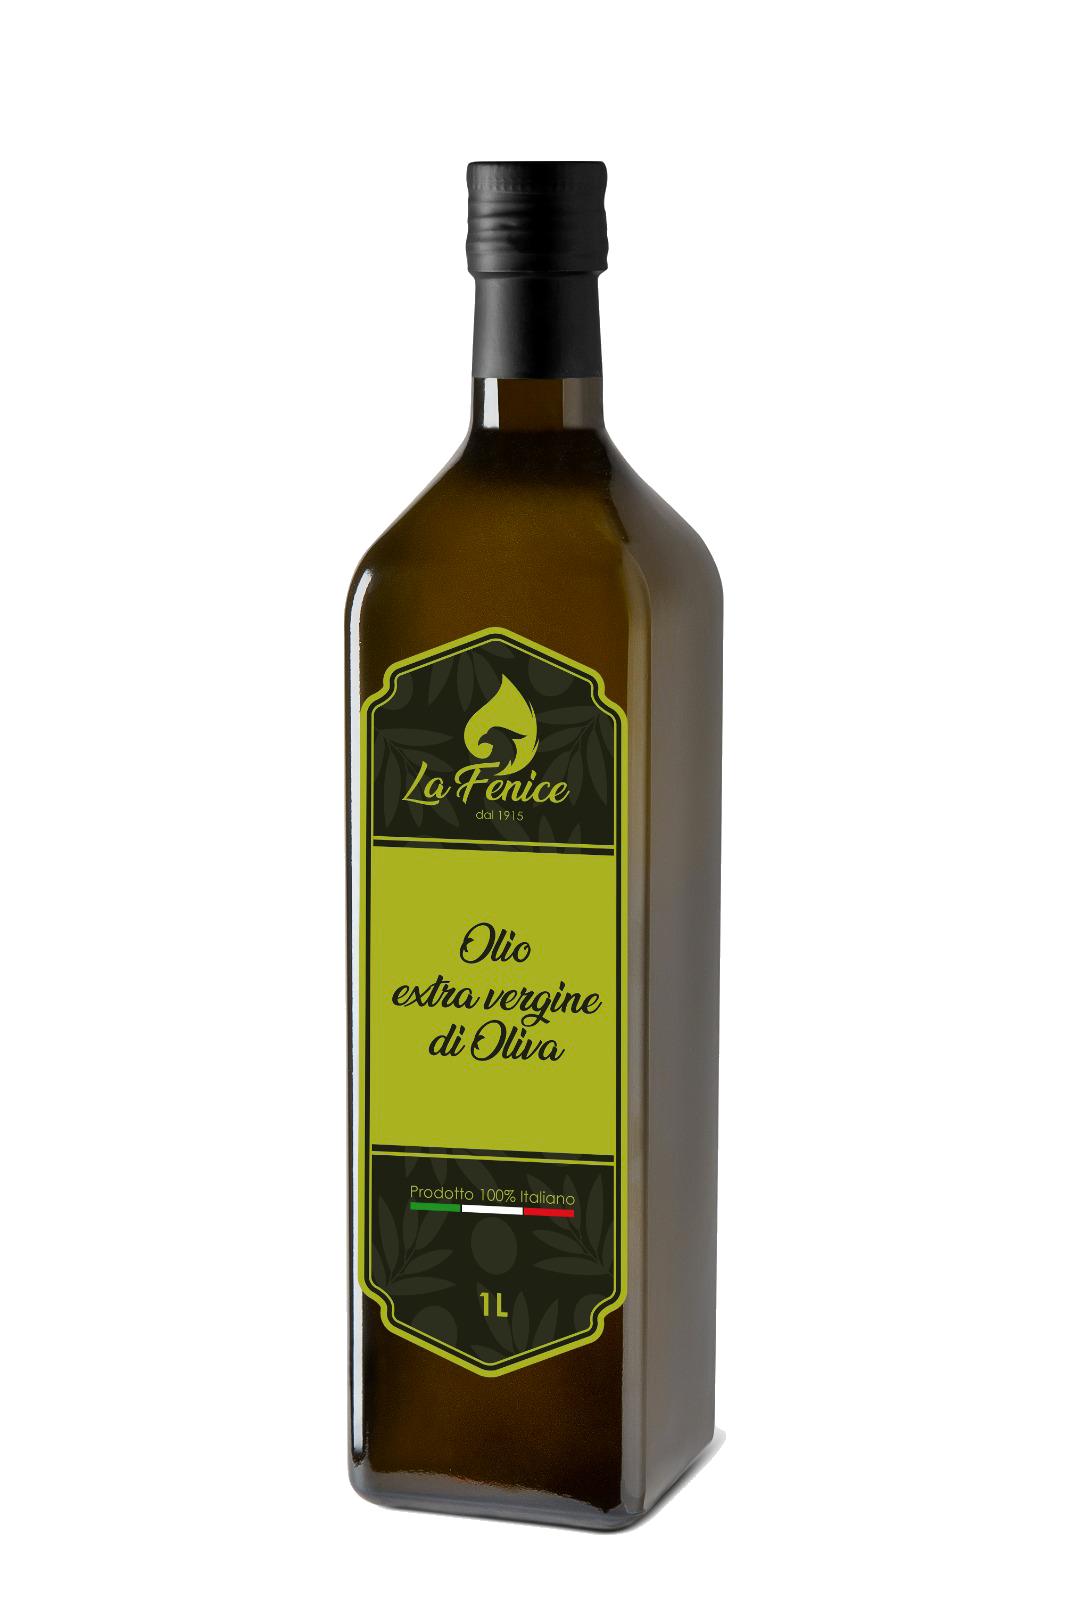 oliolafenice-bottiglia-1l